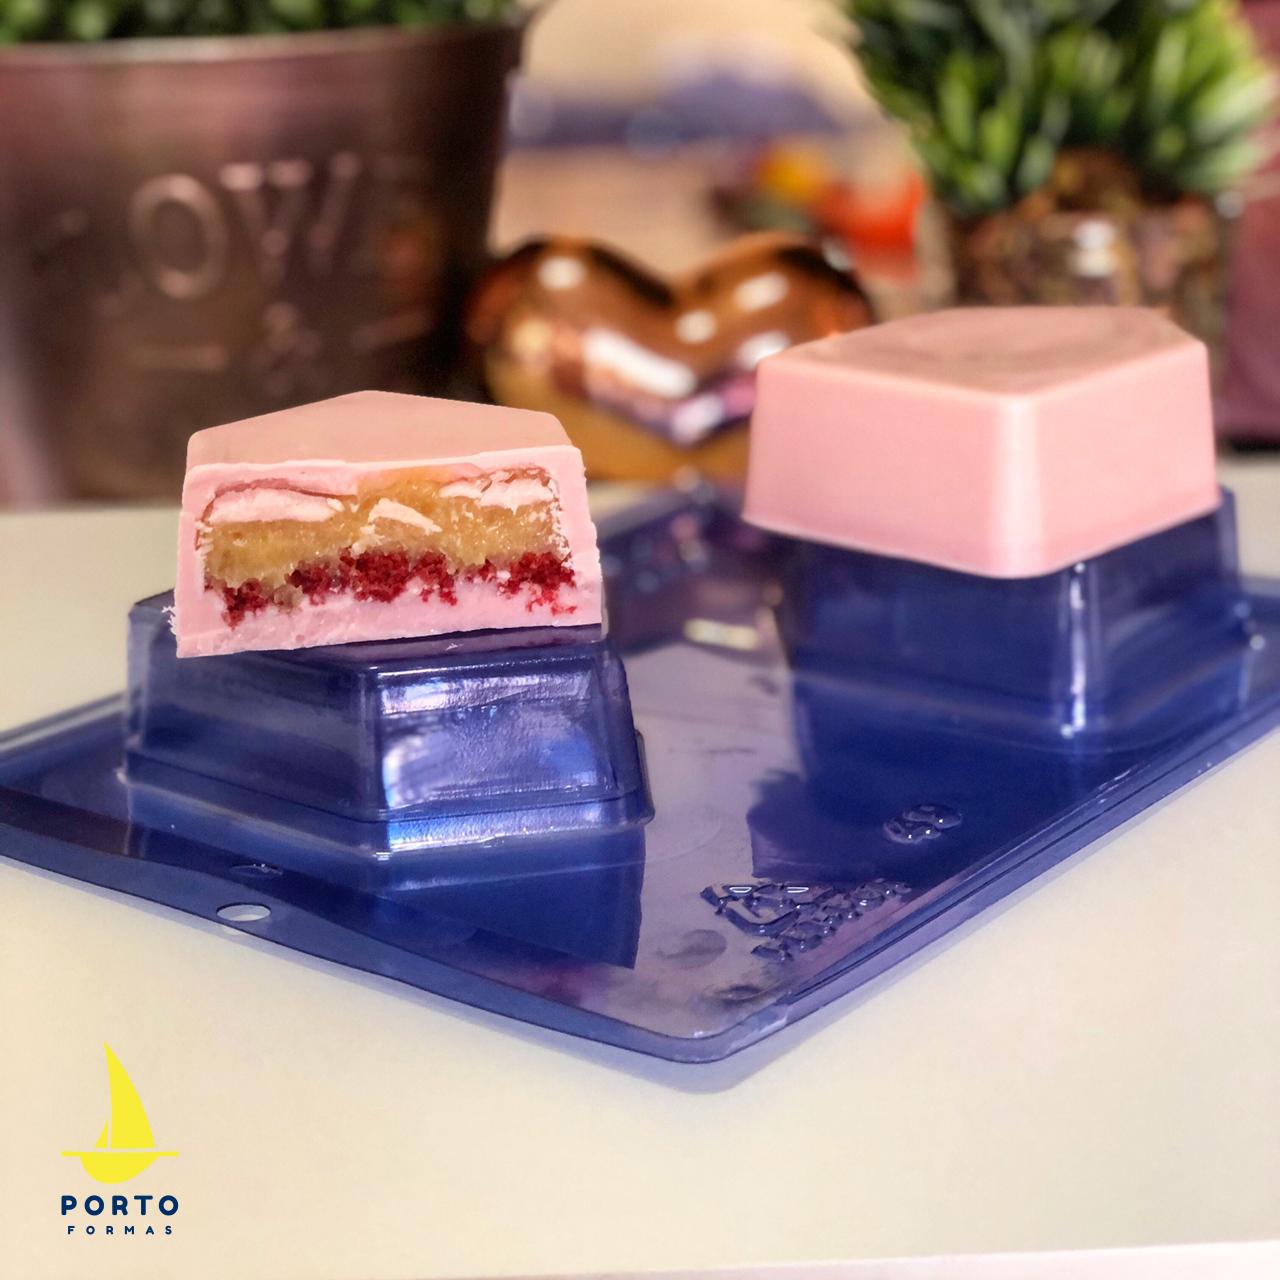 Imagen de producto: https://tienda.postreadiccion.com/img/articulos/secundarias14035-molde-49-portoformas-casitas-2.jpeg